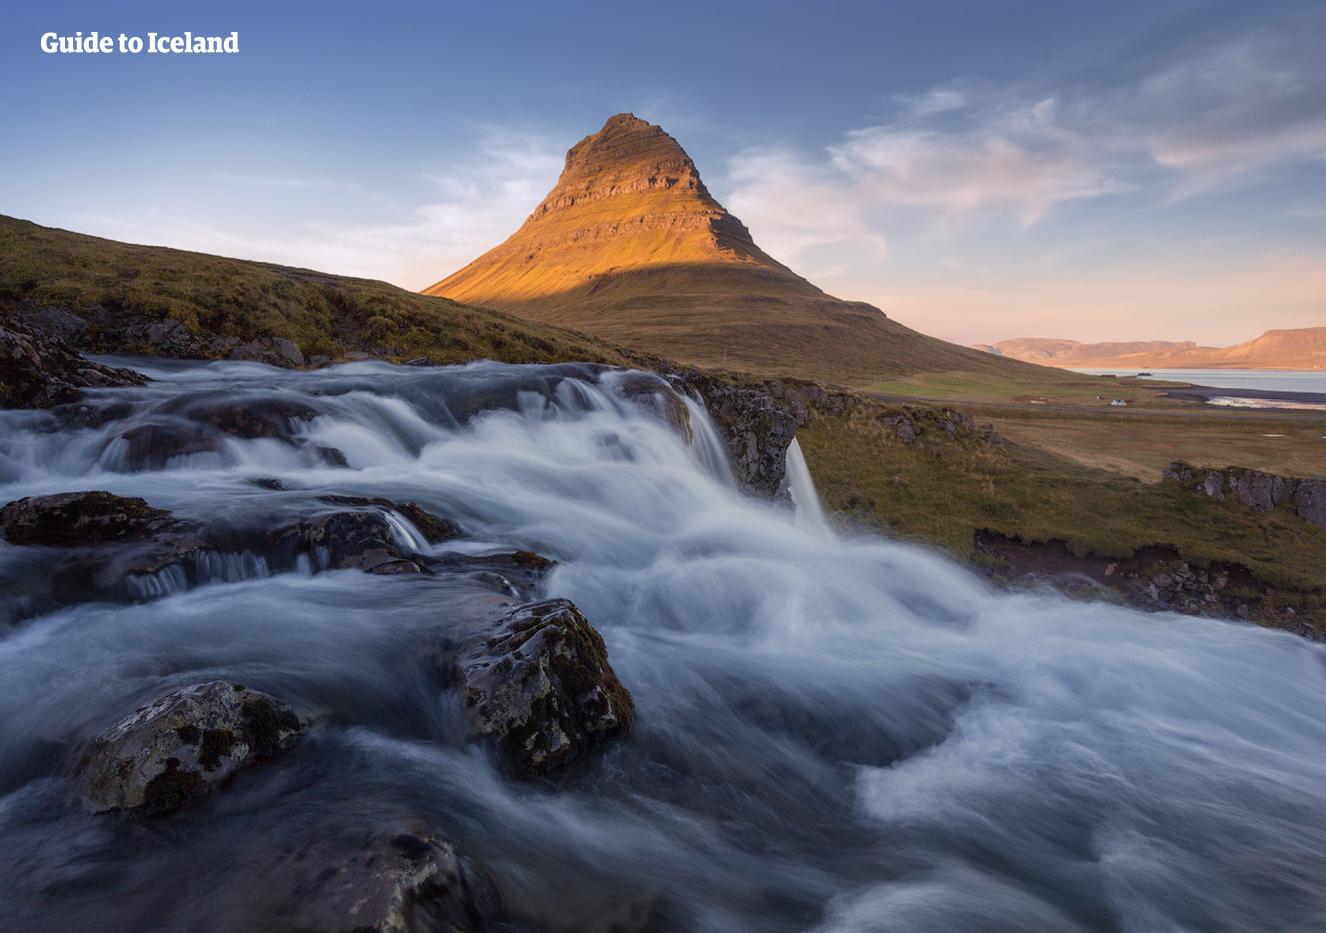 斯奈山半岛充斥着各式各样的自然奇景,其中包括了著名的教堂山Kirkjufell以及它前面的教堂山瀑布